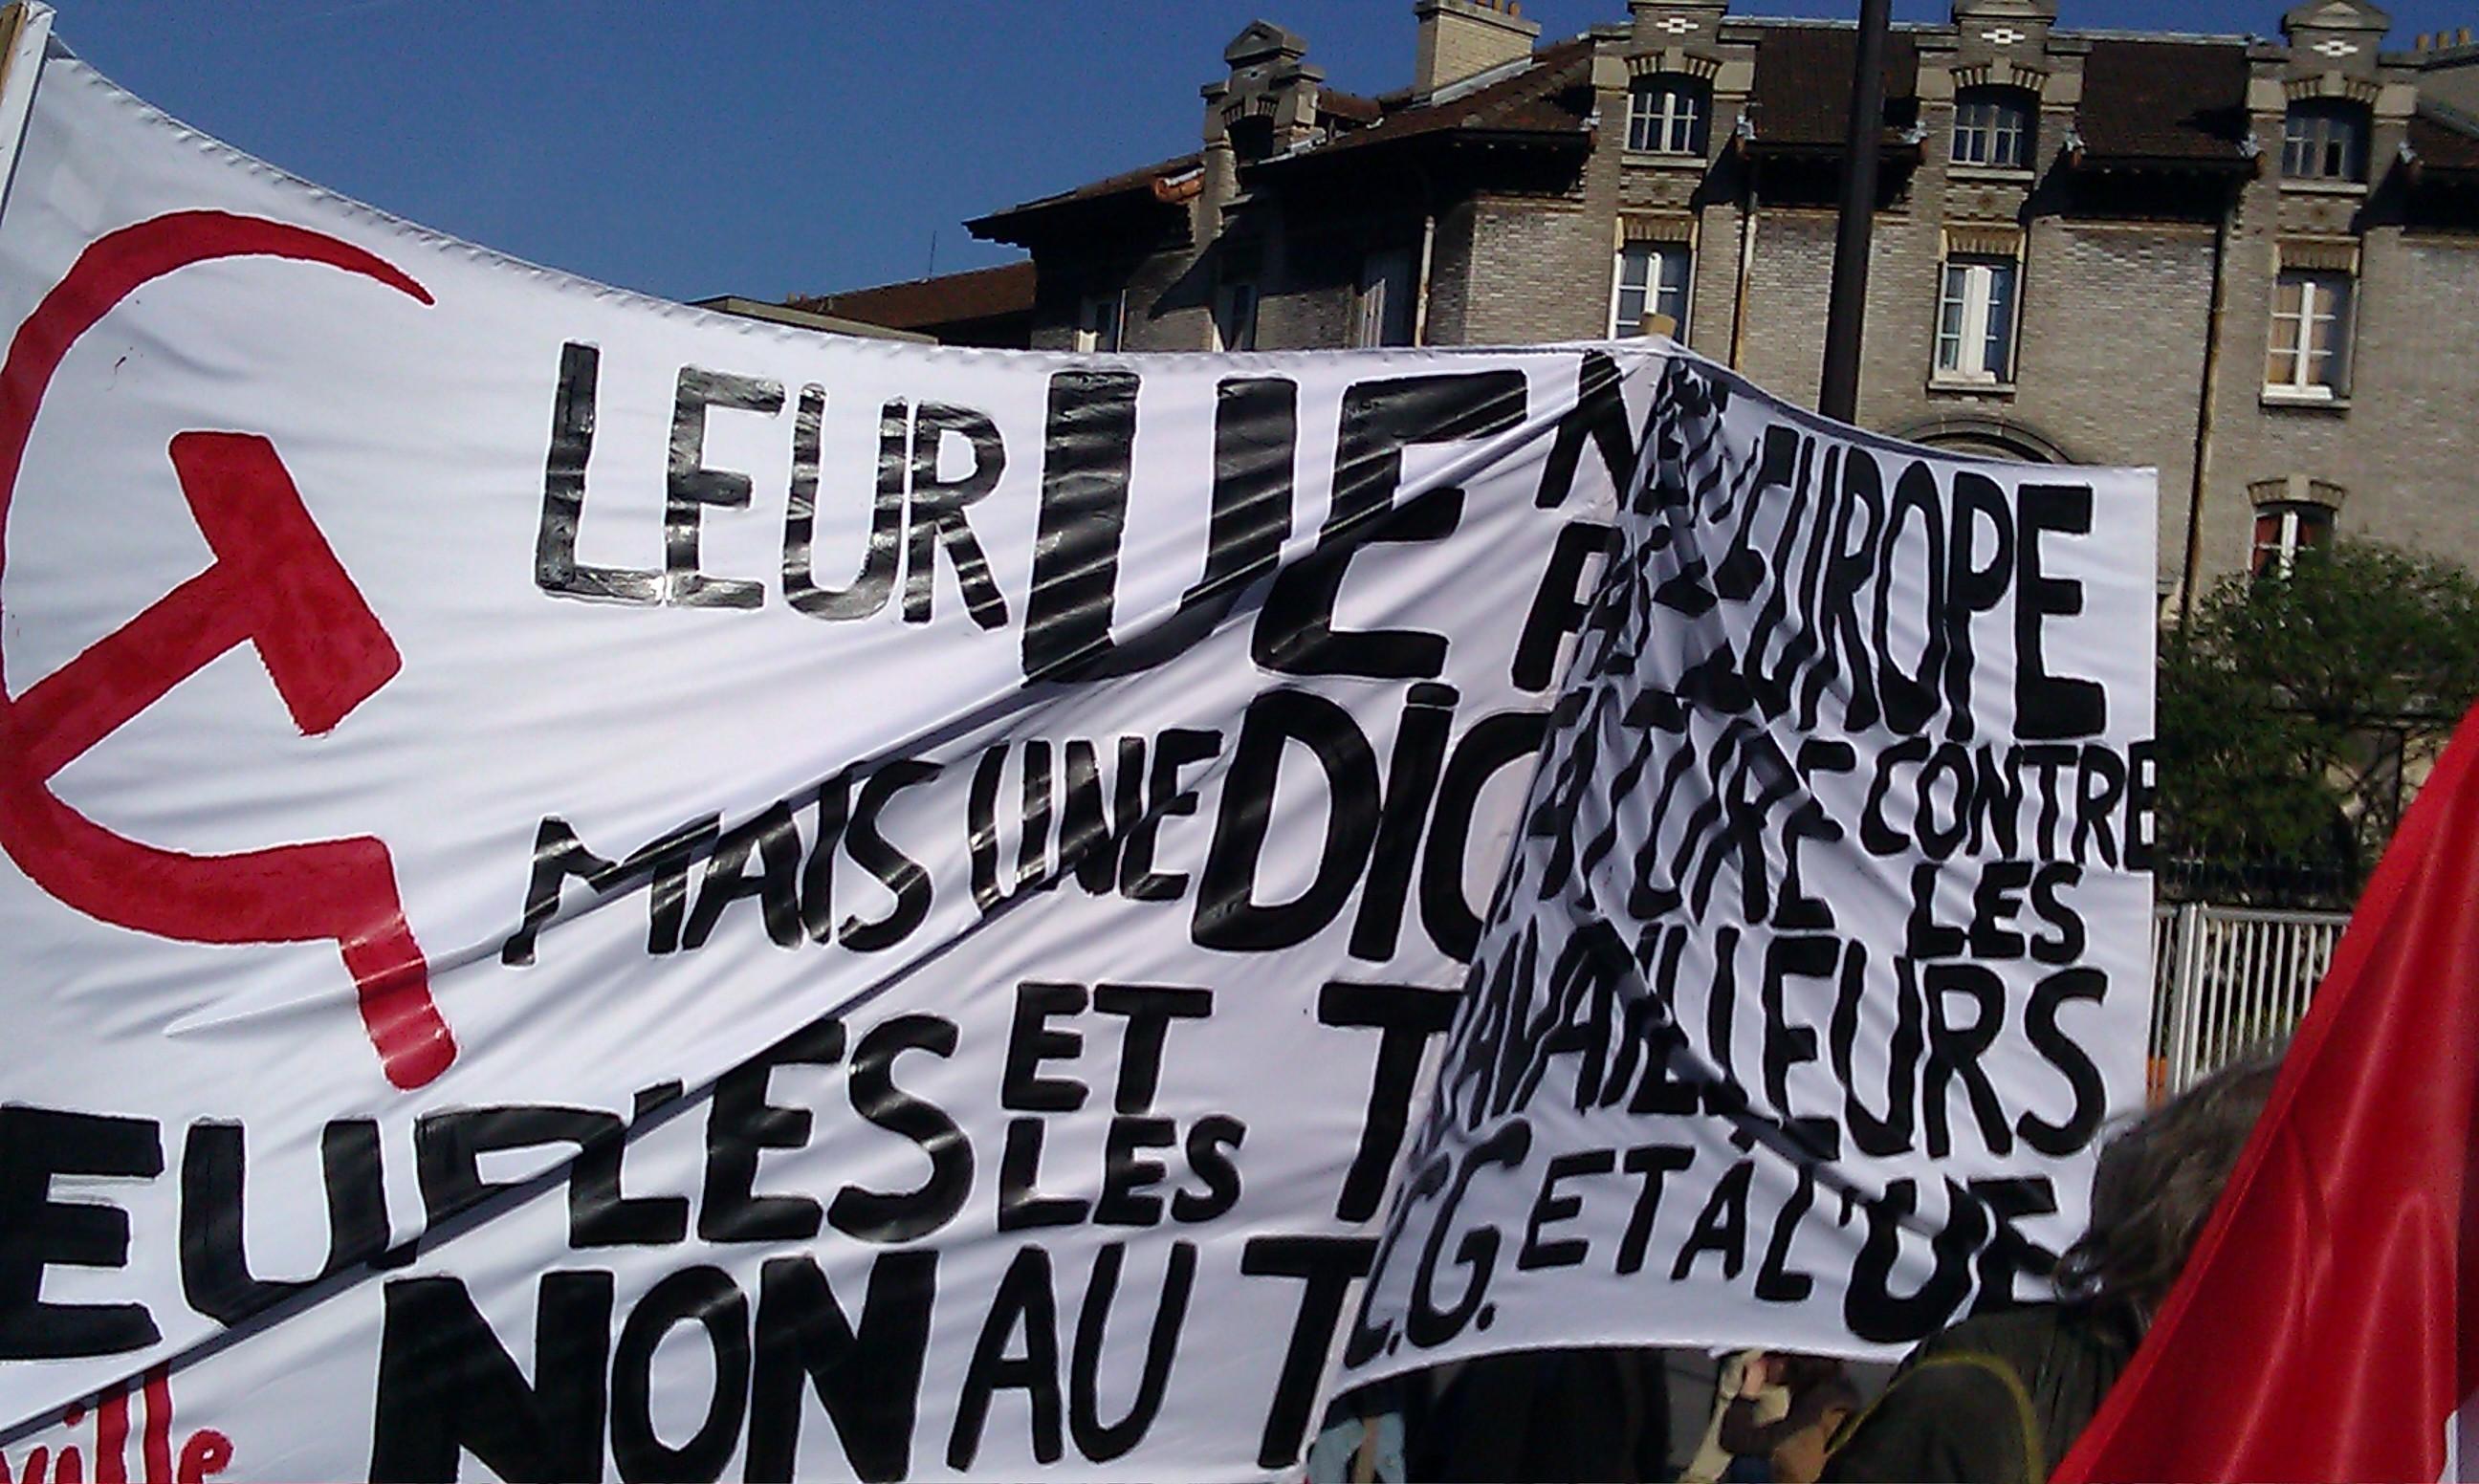 Leur UE n'est pas l'Europe mais une dictature contre les peuples et les travailleurs, non au TSCG et à l'UE, comité d'Abbeville []